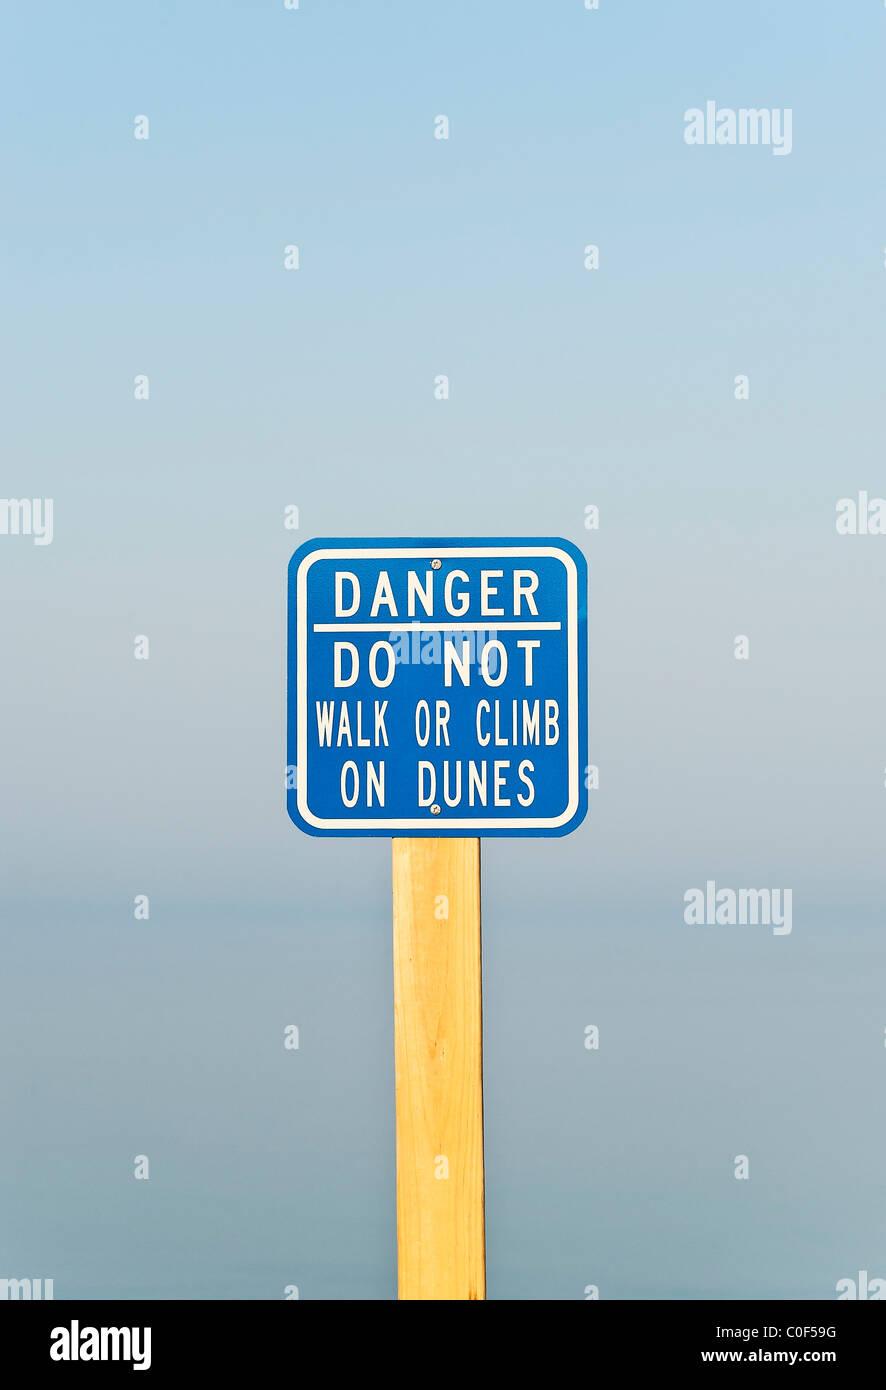 Ironic signage. - Stock Image